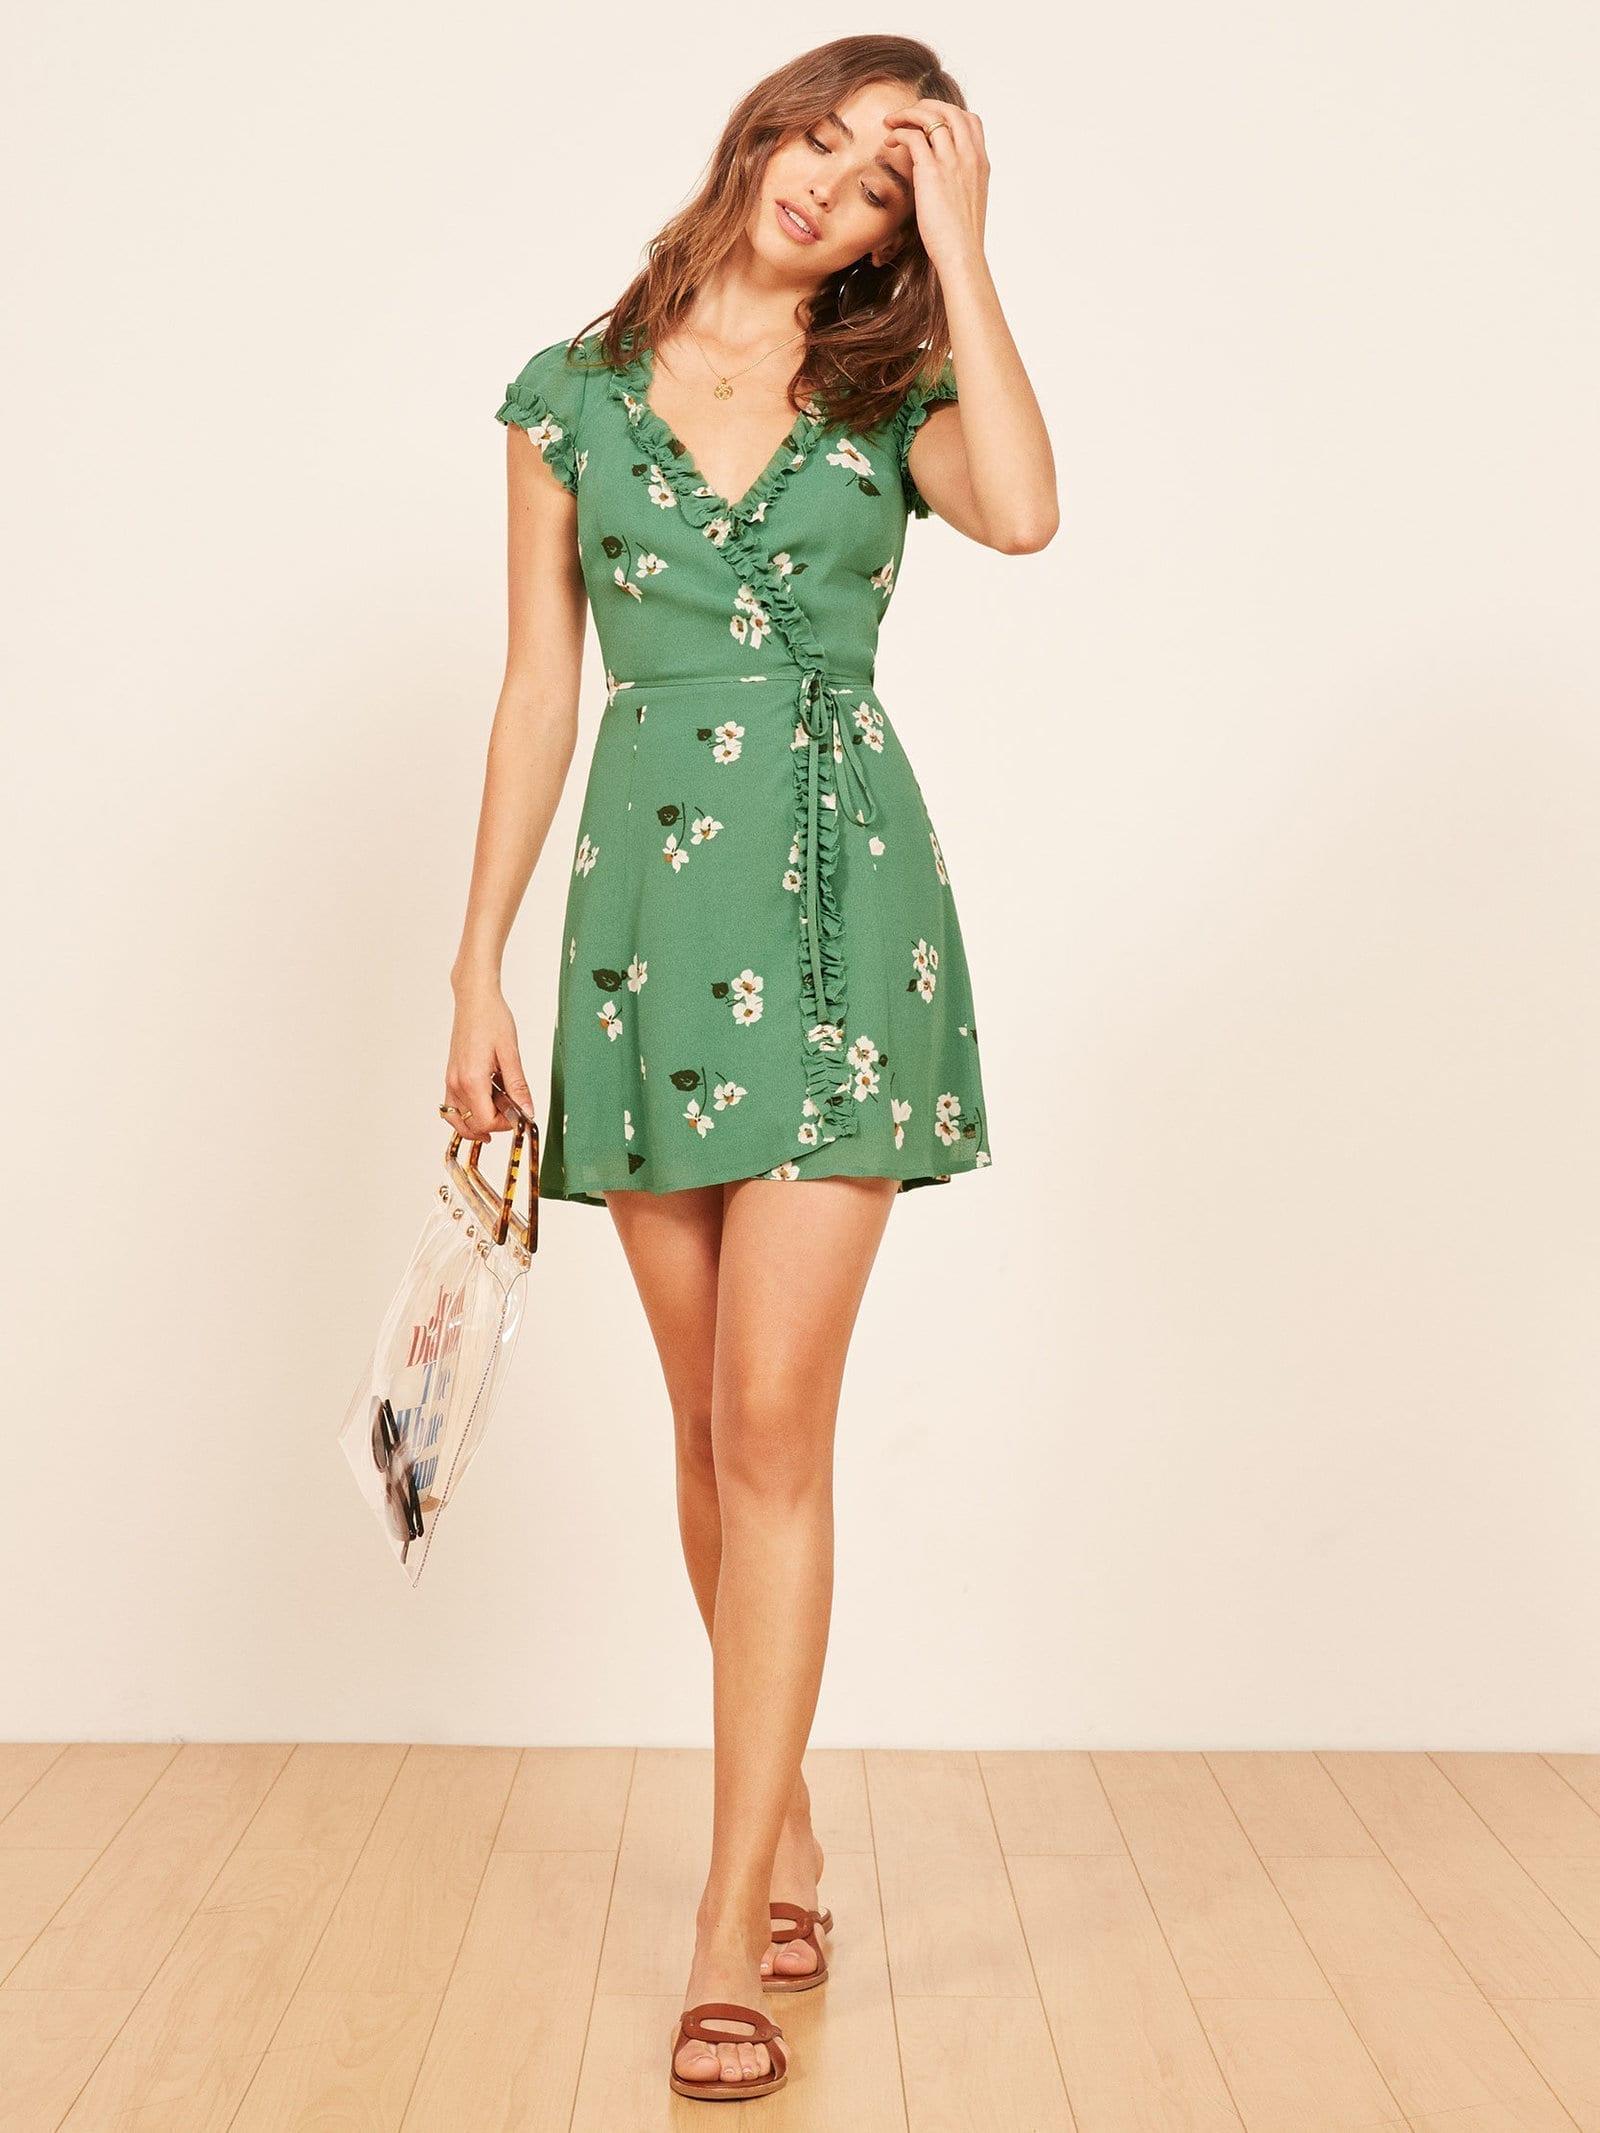 THE REFORMATION Garnet Melrose Dress